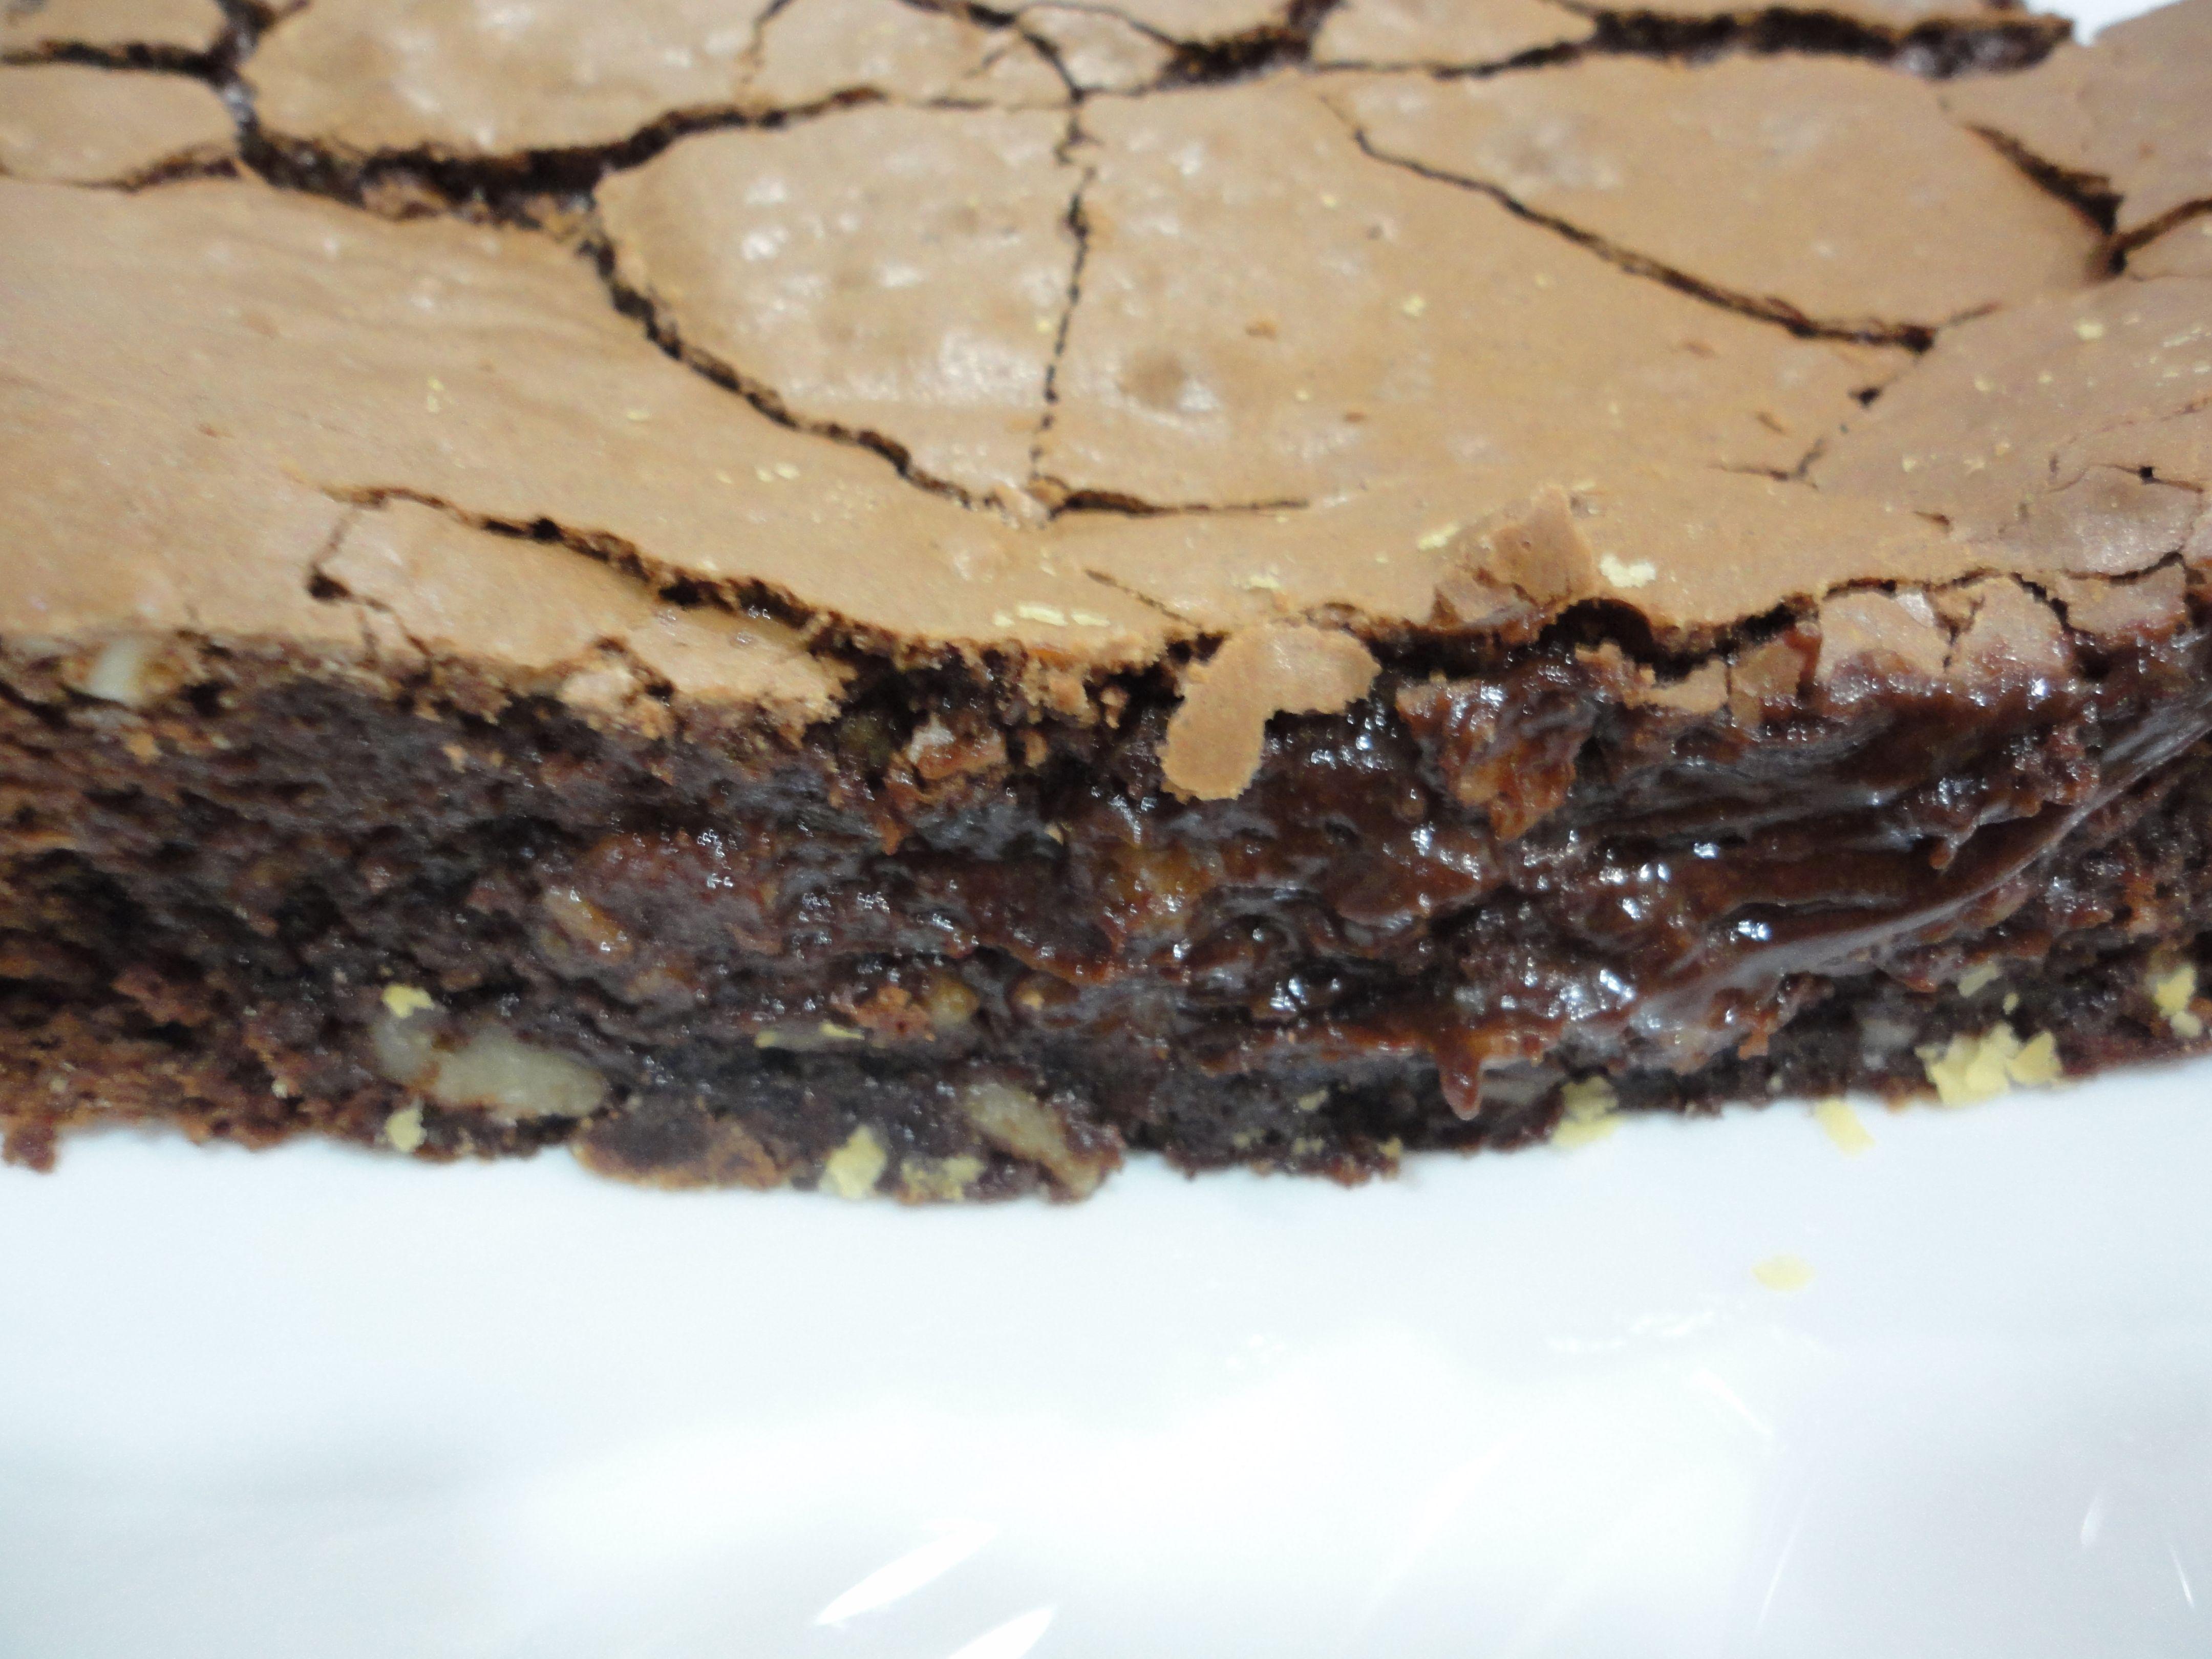 Corte del Brownie de chocolate y nueces